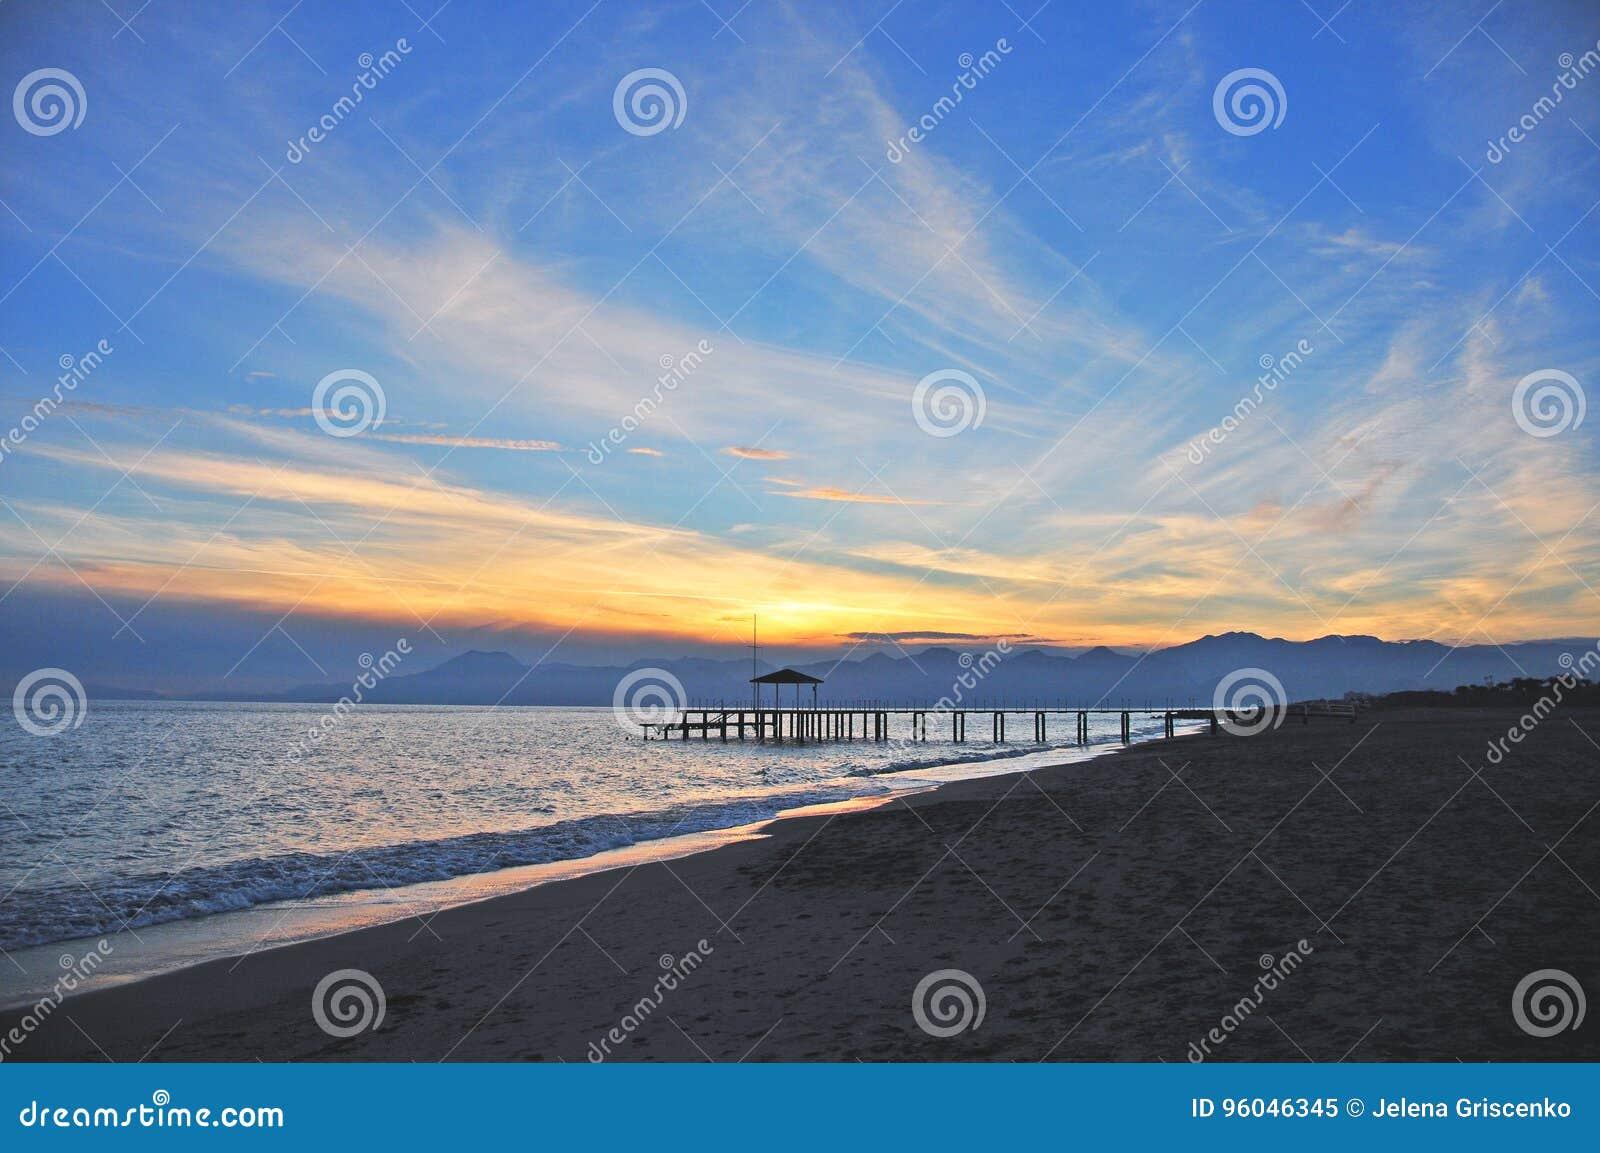 Ηλιοβασίλεμα και μια αμμώδης παραλία σε Antalya